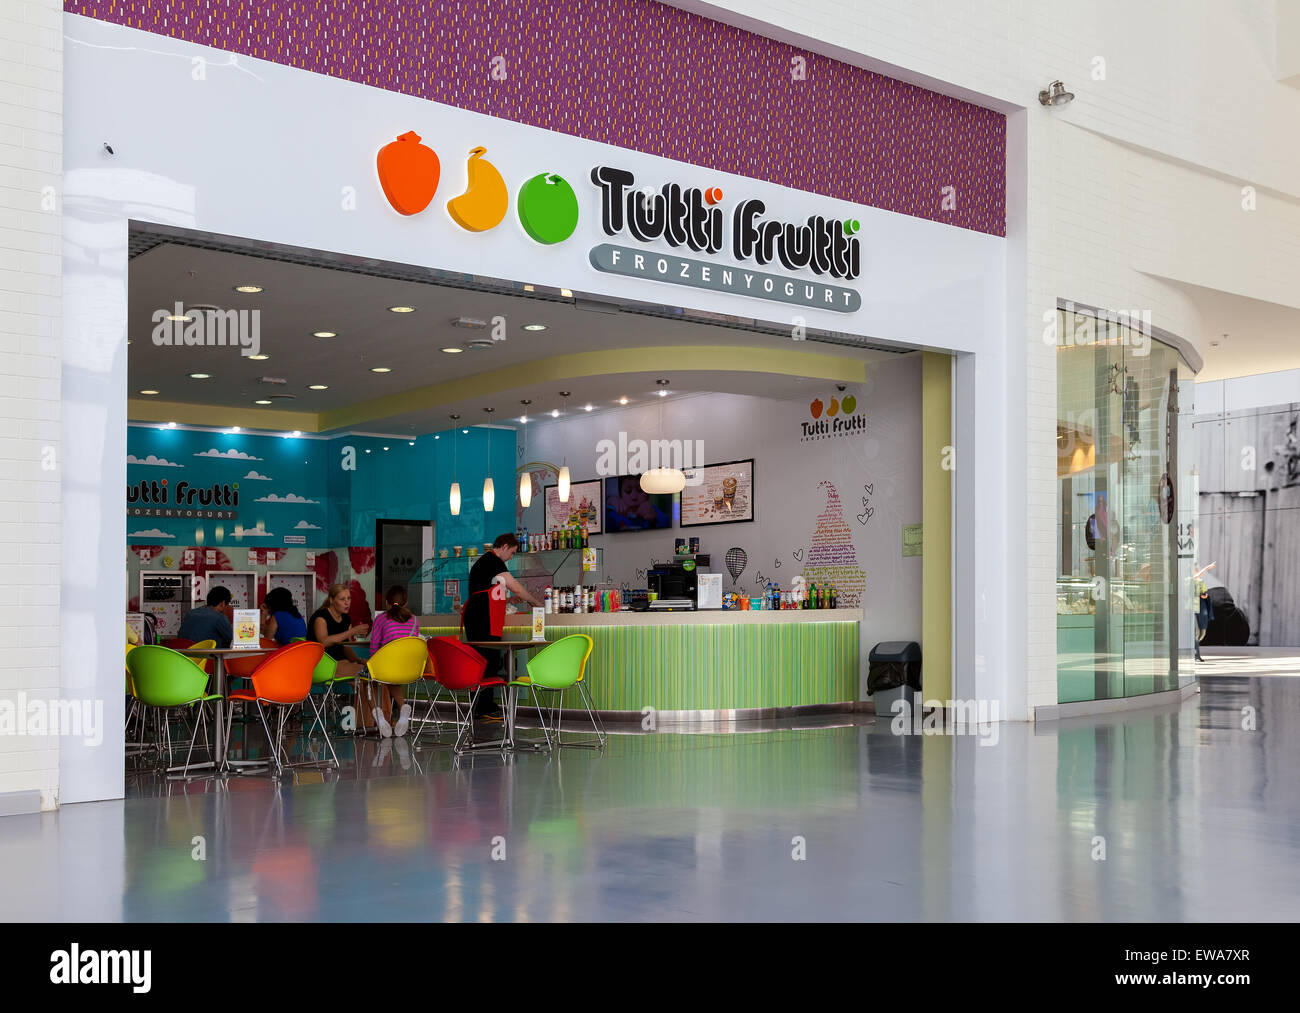 Tutti Frutti Frozen Yogurt branch in a shopping center Ambar - Stock Image